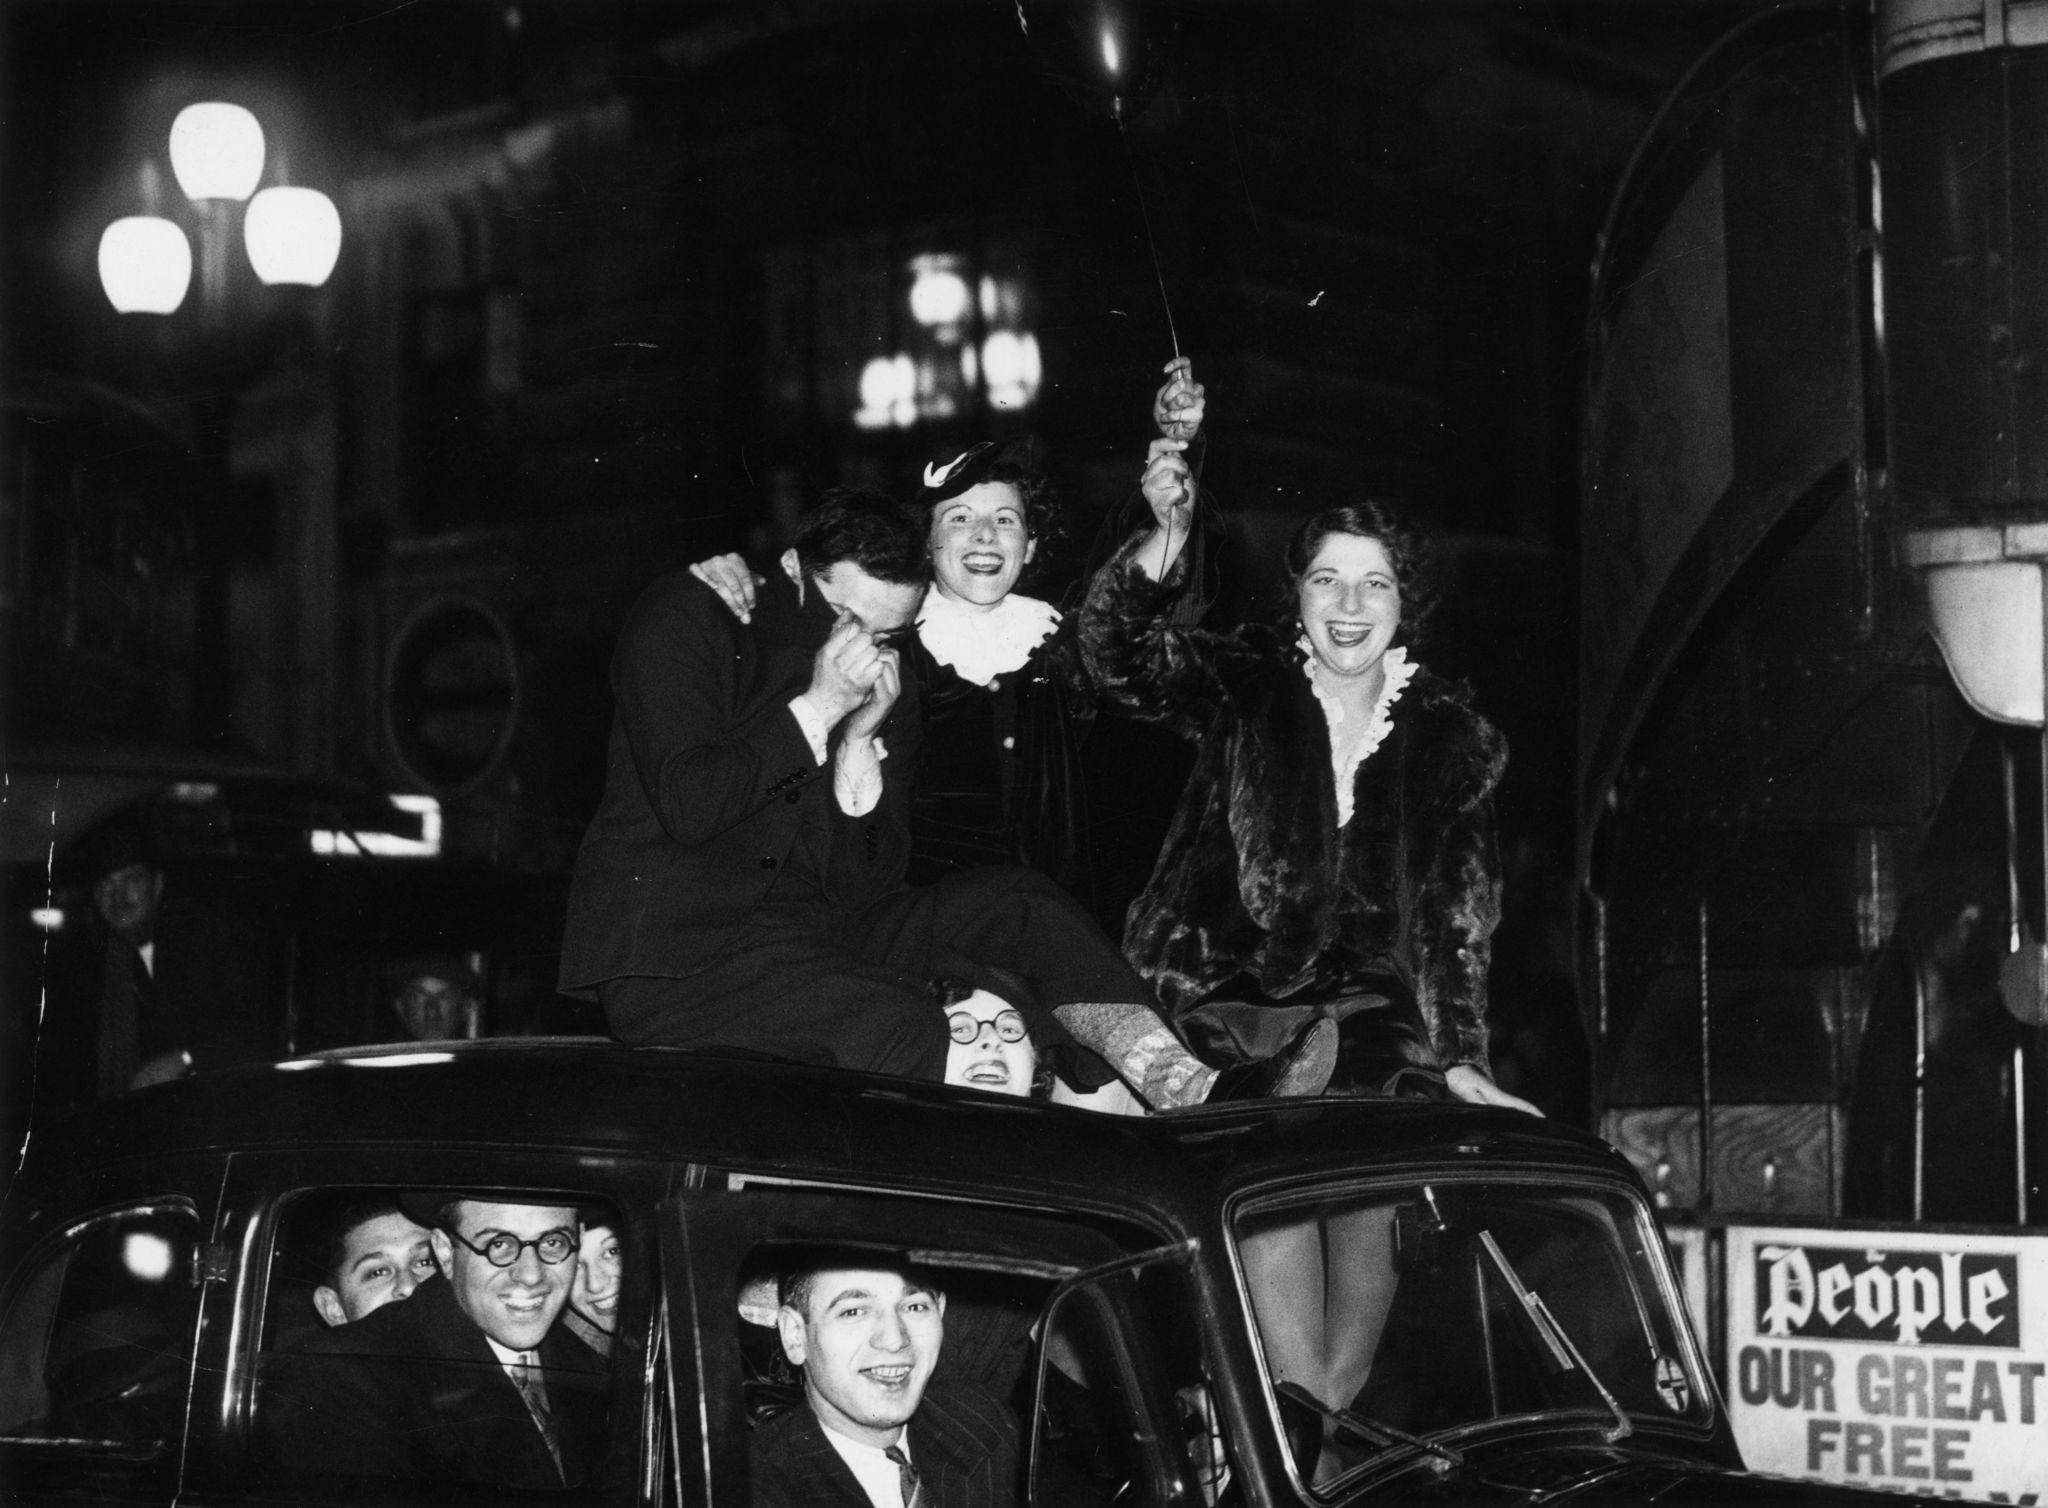 1935. Группа друзей, сидящих на крыше автомобиля в Лондоне, празднуют наступление 1936 года.jpg